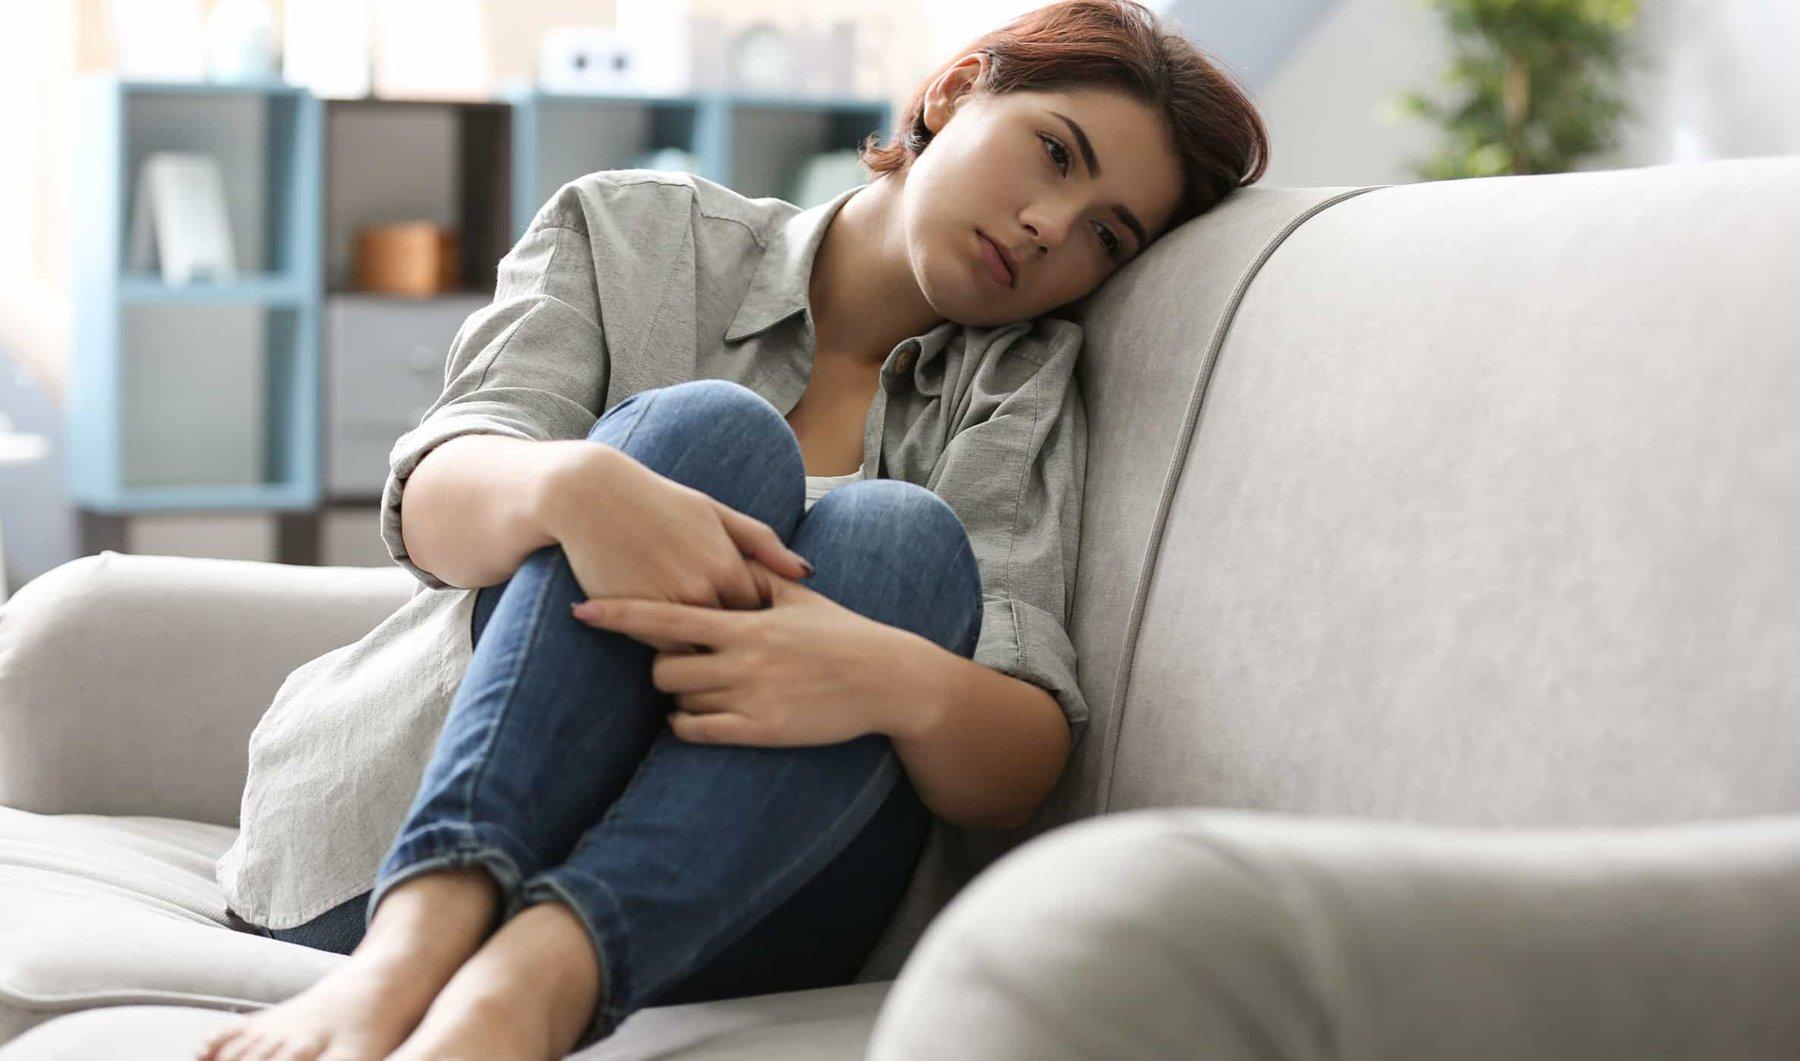 Làm thế nào để phụ nữ vượt qua trầm cảm sau sinh?